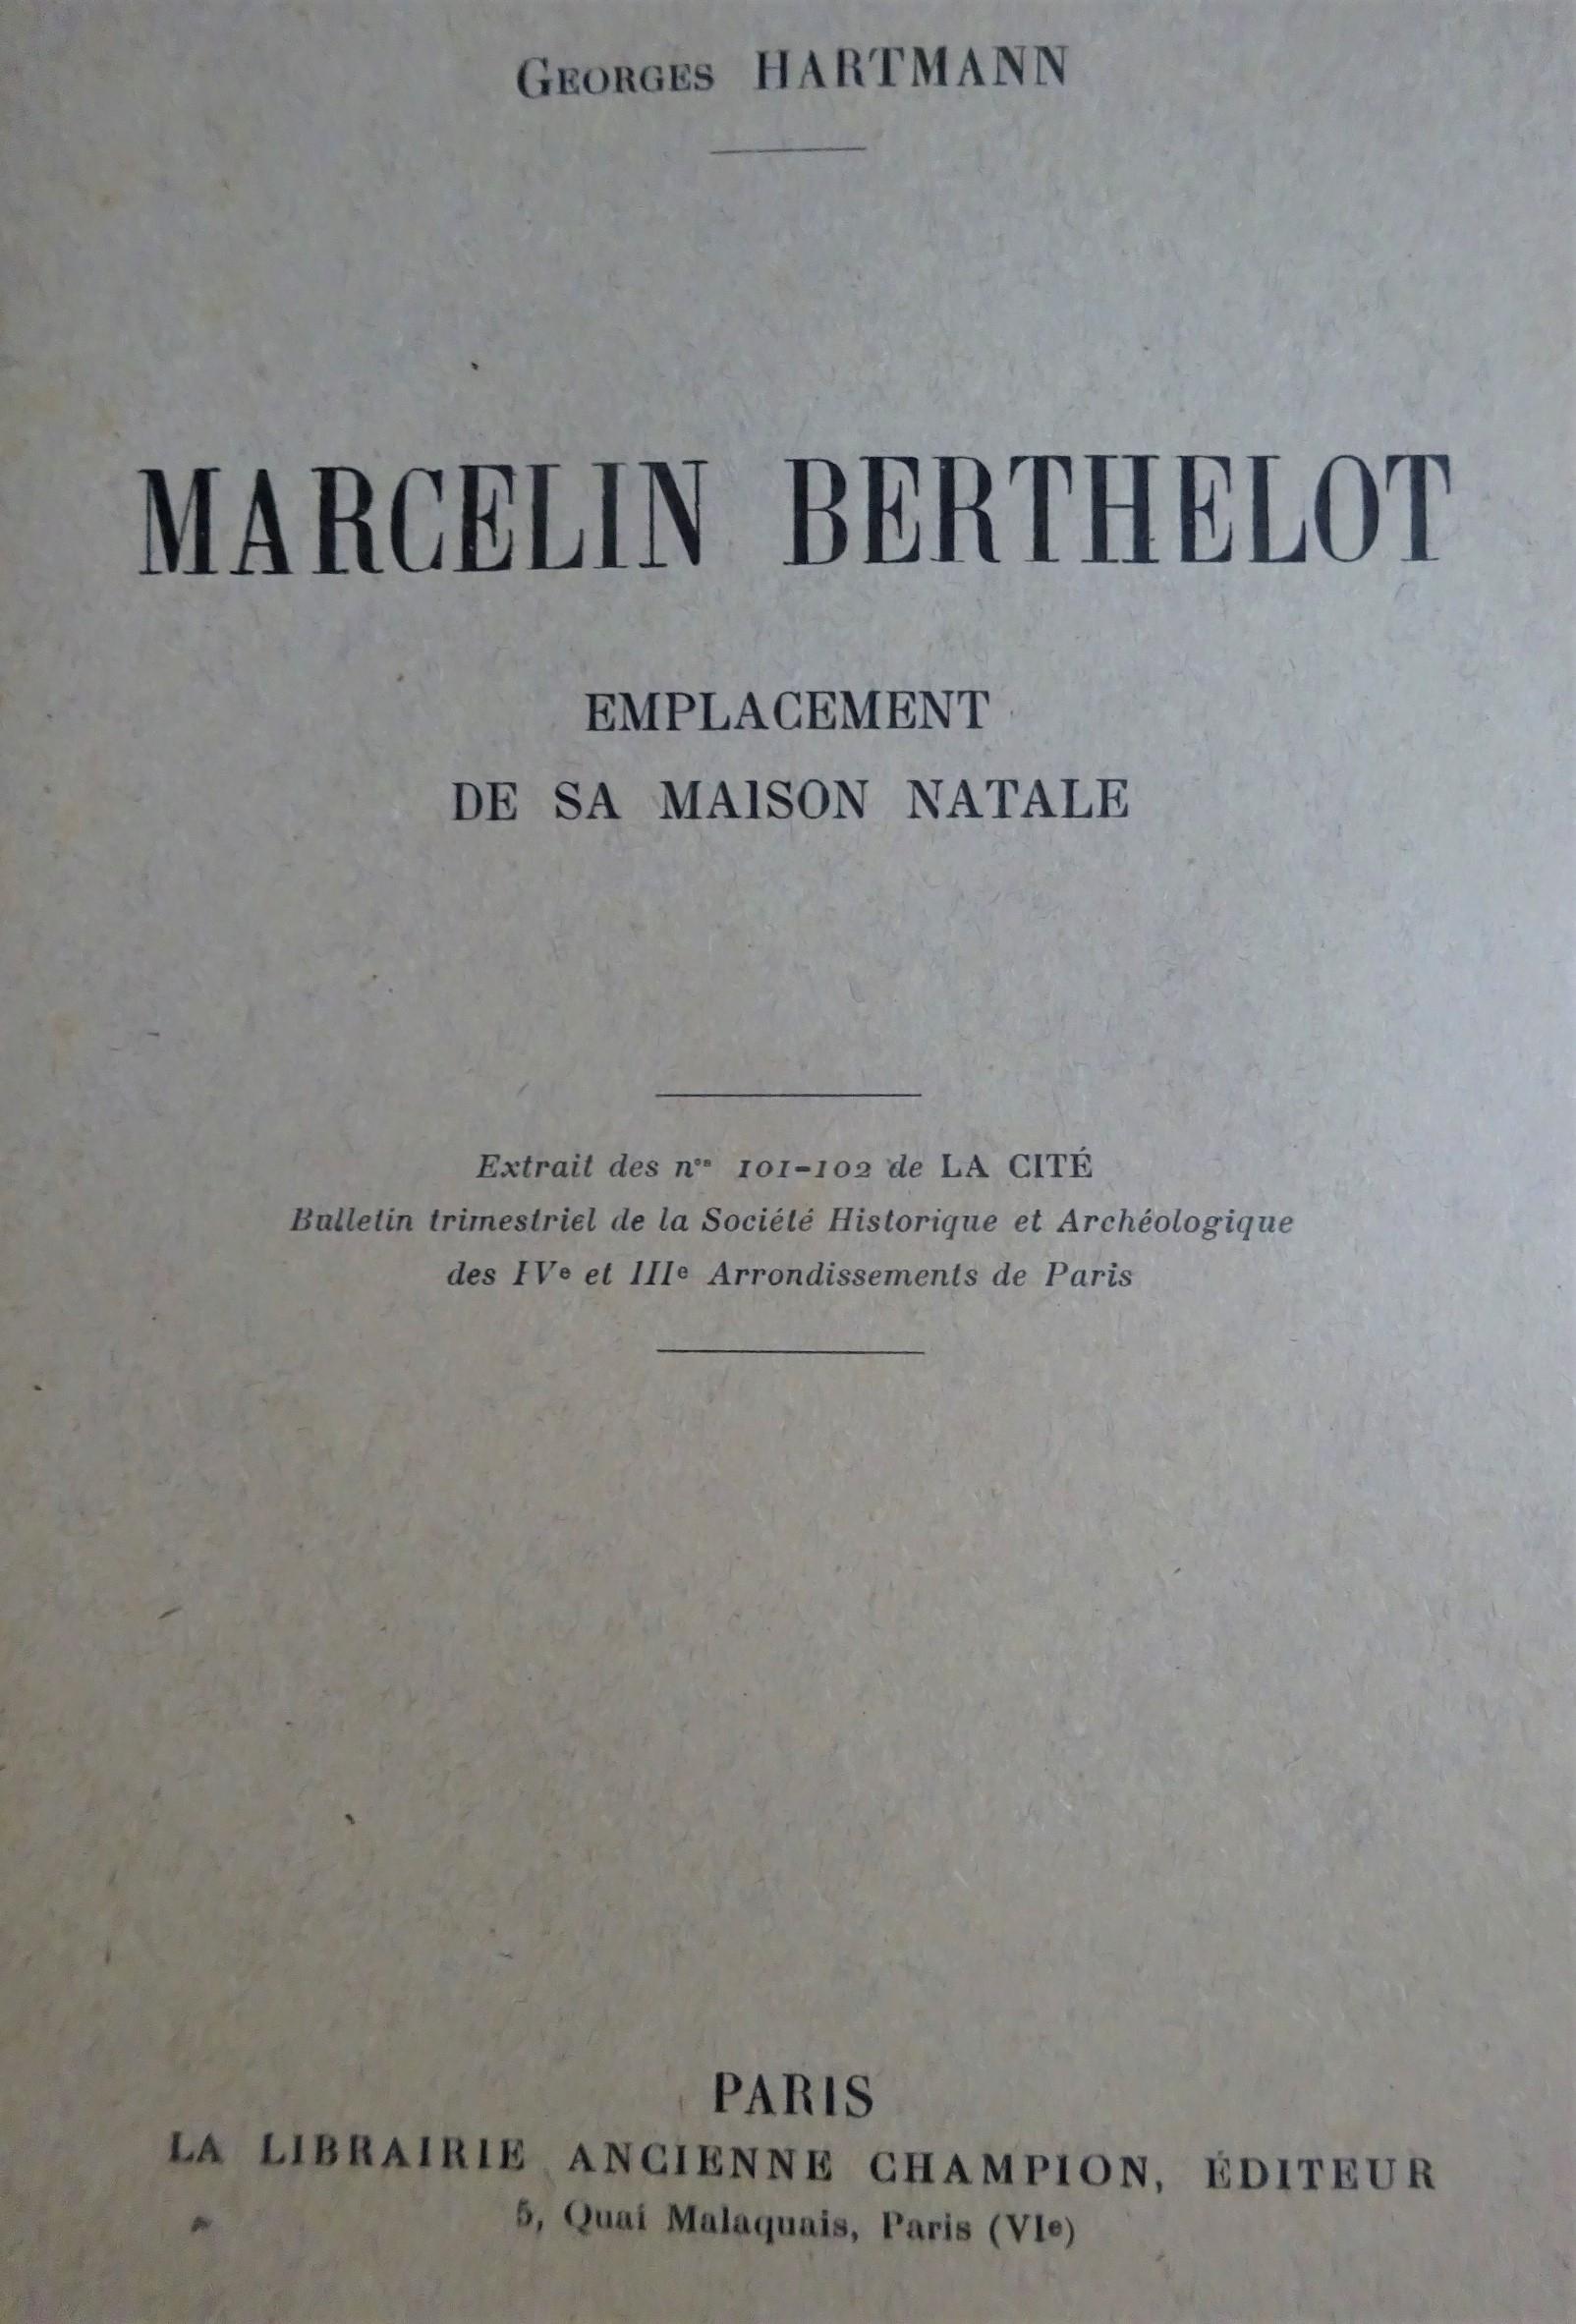 Marcelin Berthelot. Emplacement de sa maison natale